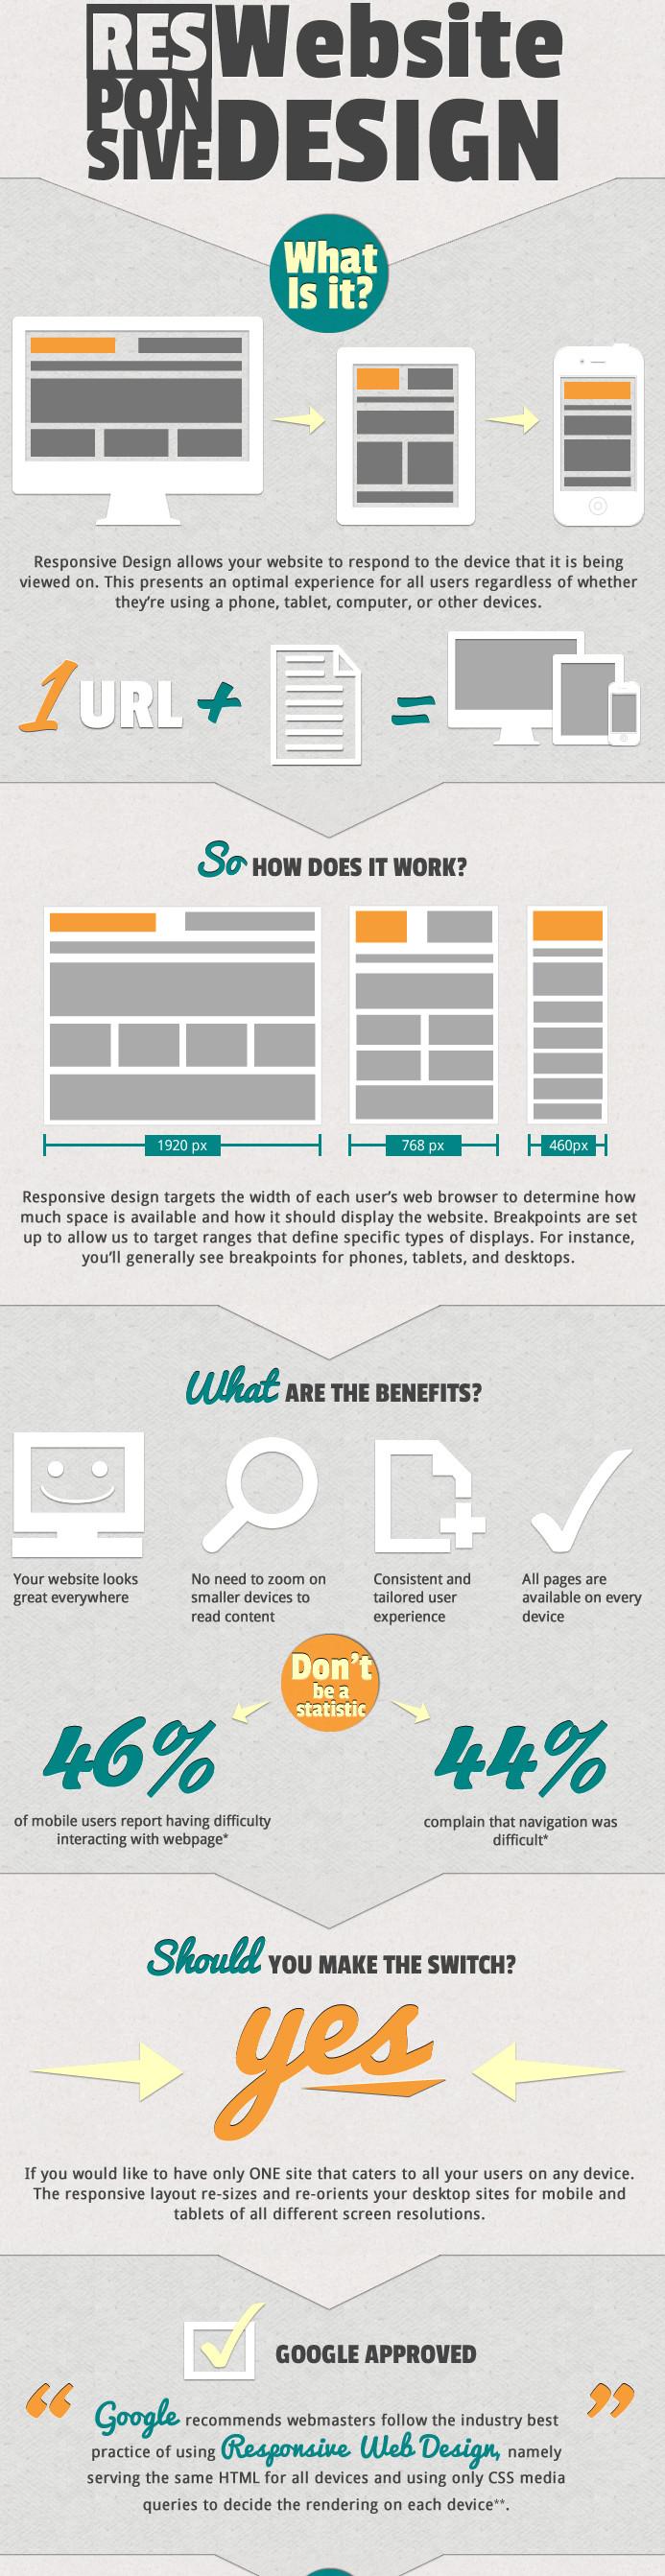 responsive-website-design-what-is-it